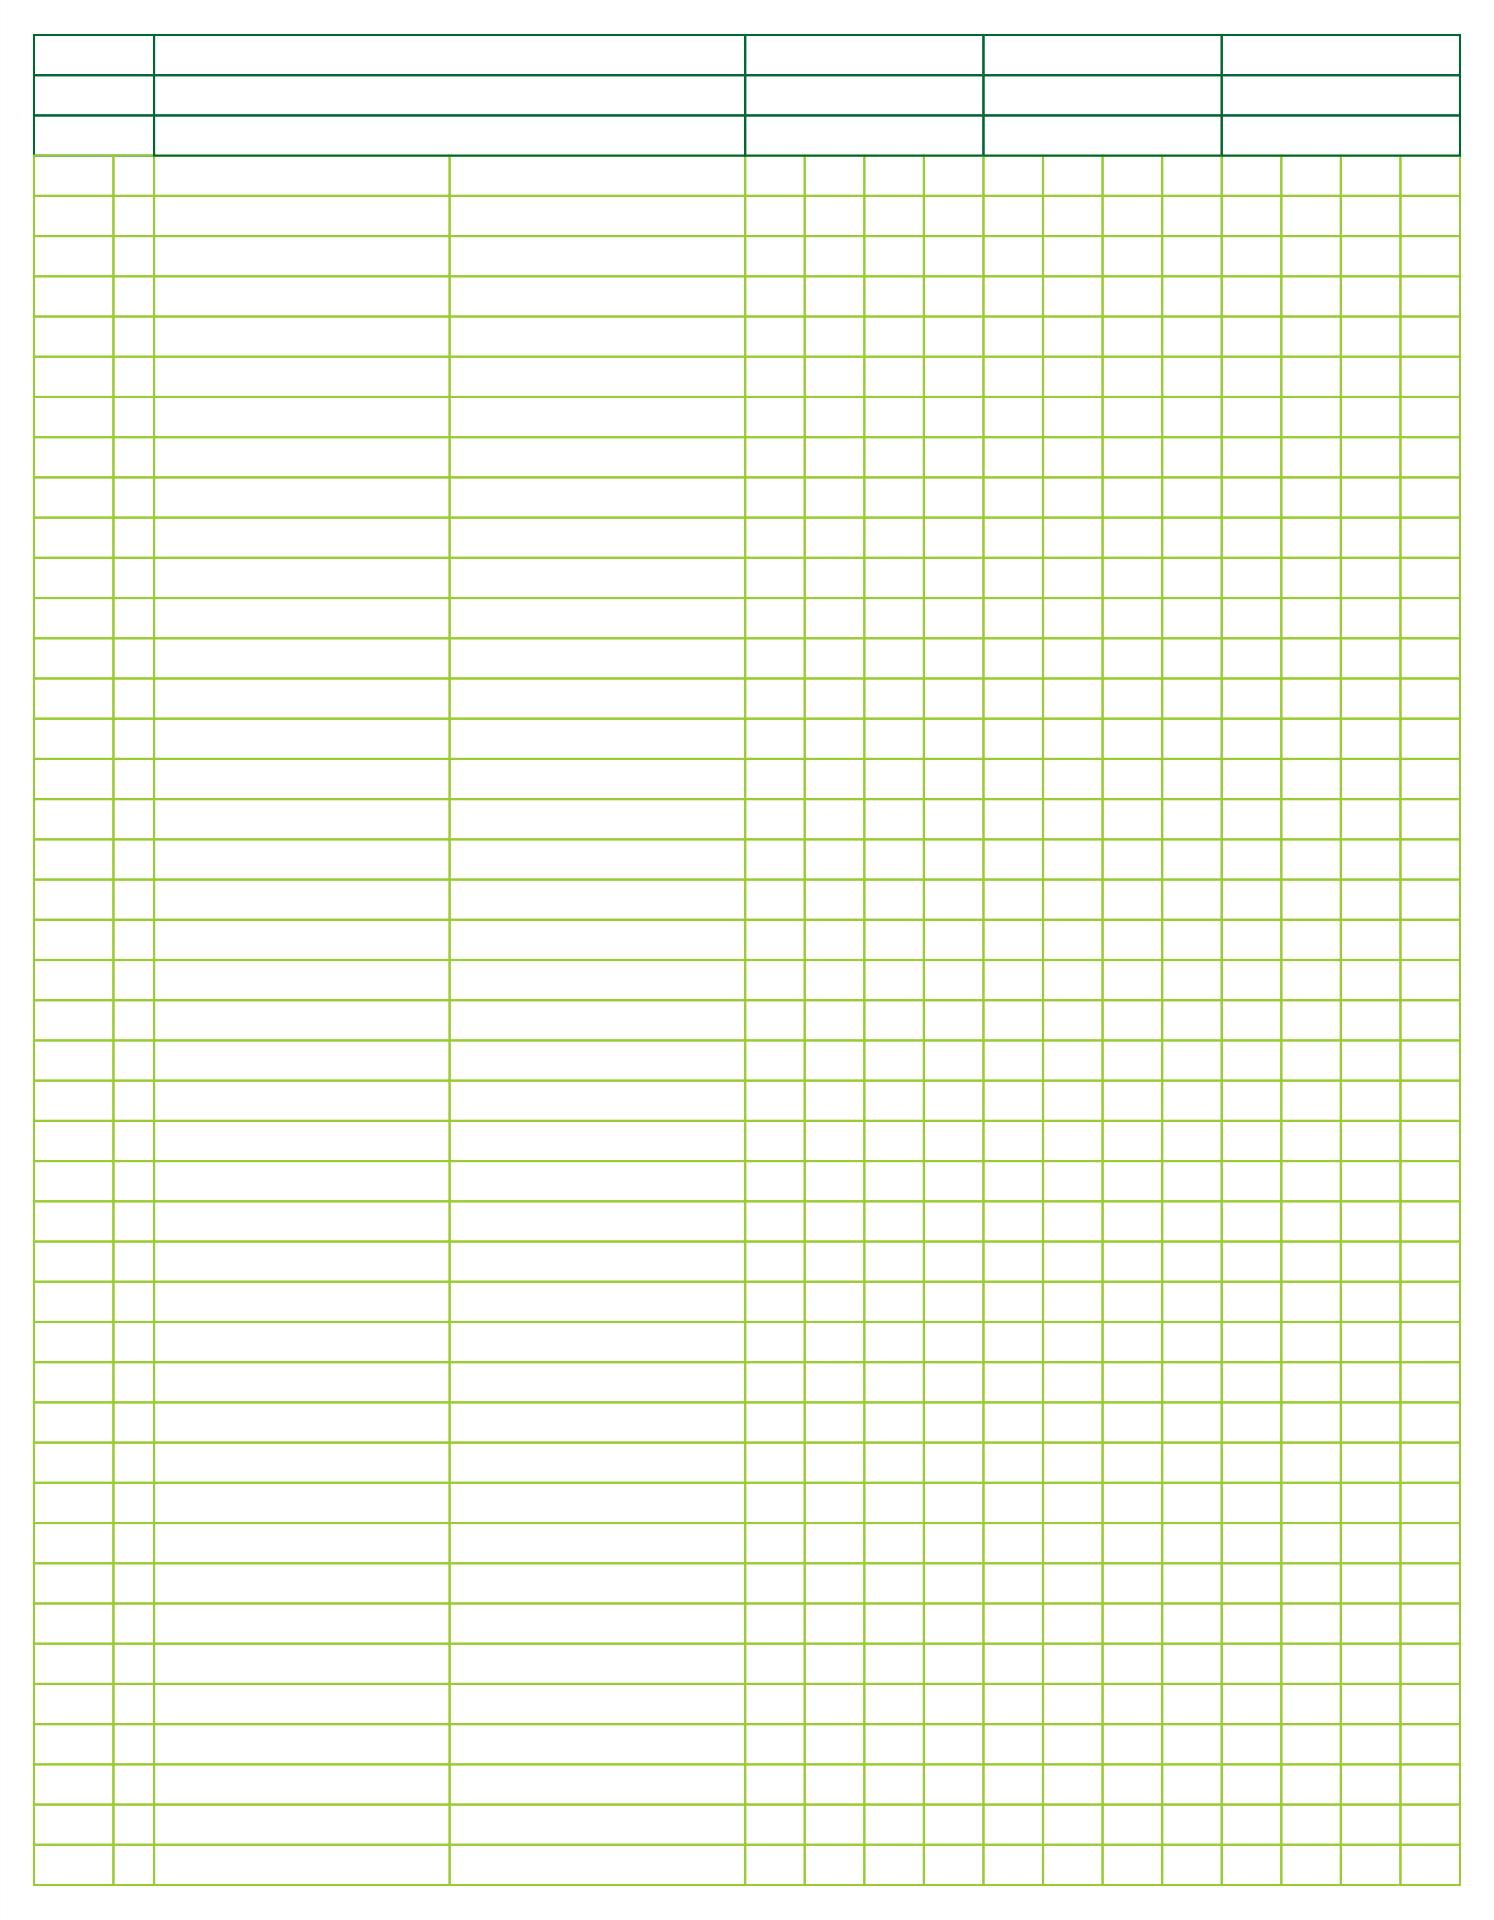 Printable Blank 3 Column Ledger Sheet